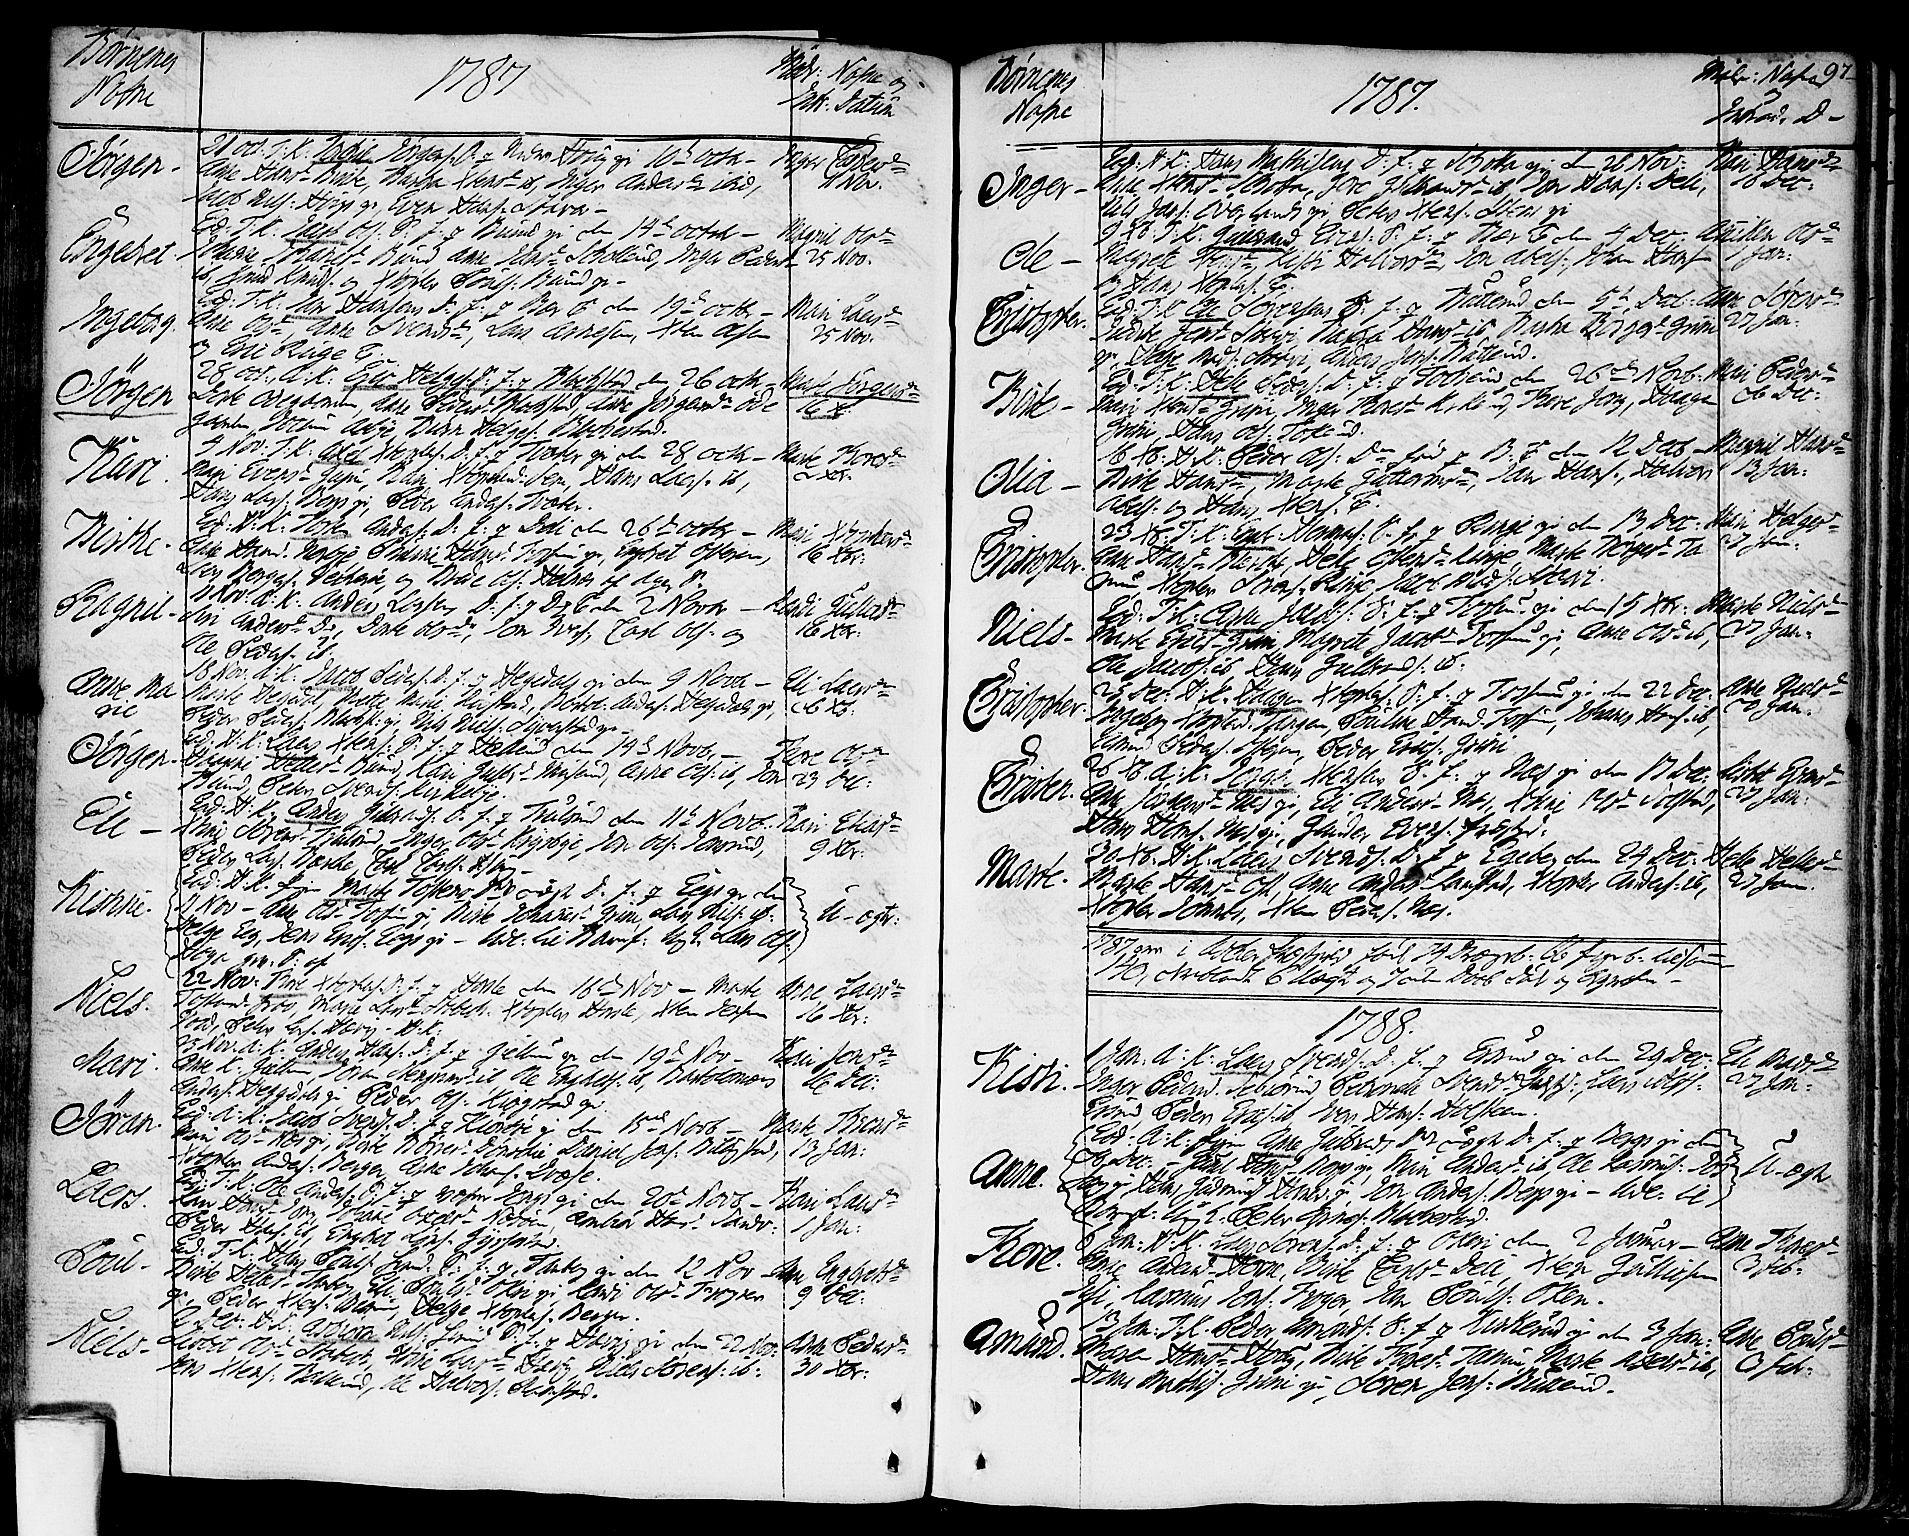 SAO, Asker prestekontor Kirkebøker, F/Fa/L0003: Ministerialbok nr. I 3, 1767-1807, s. 97